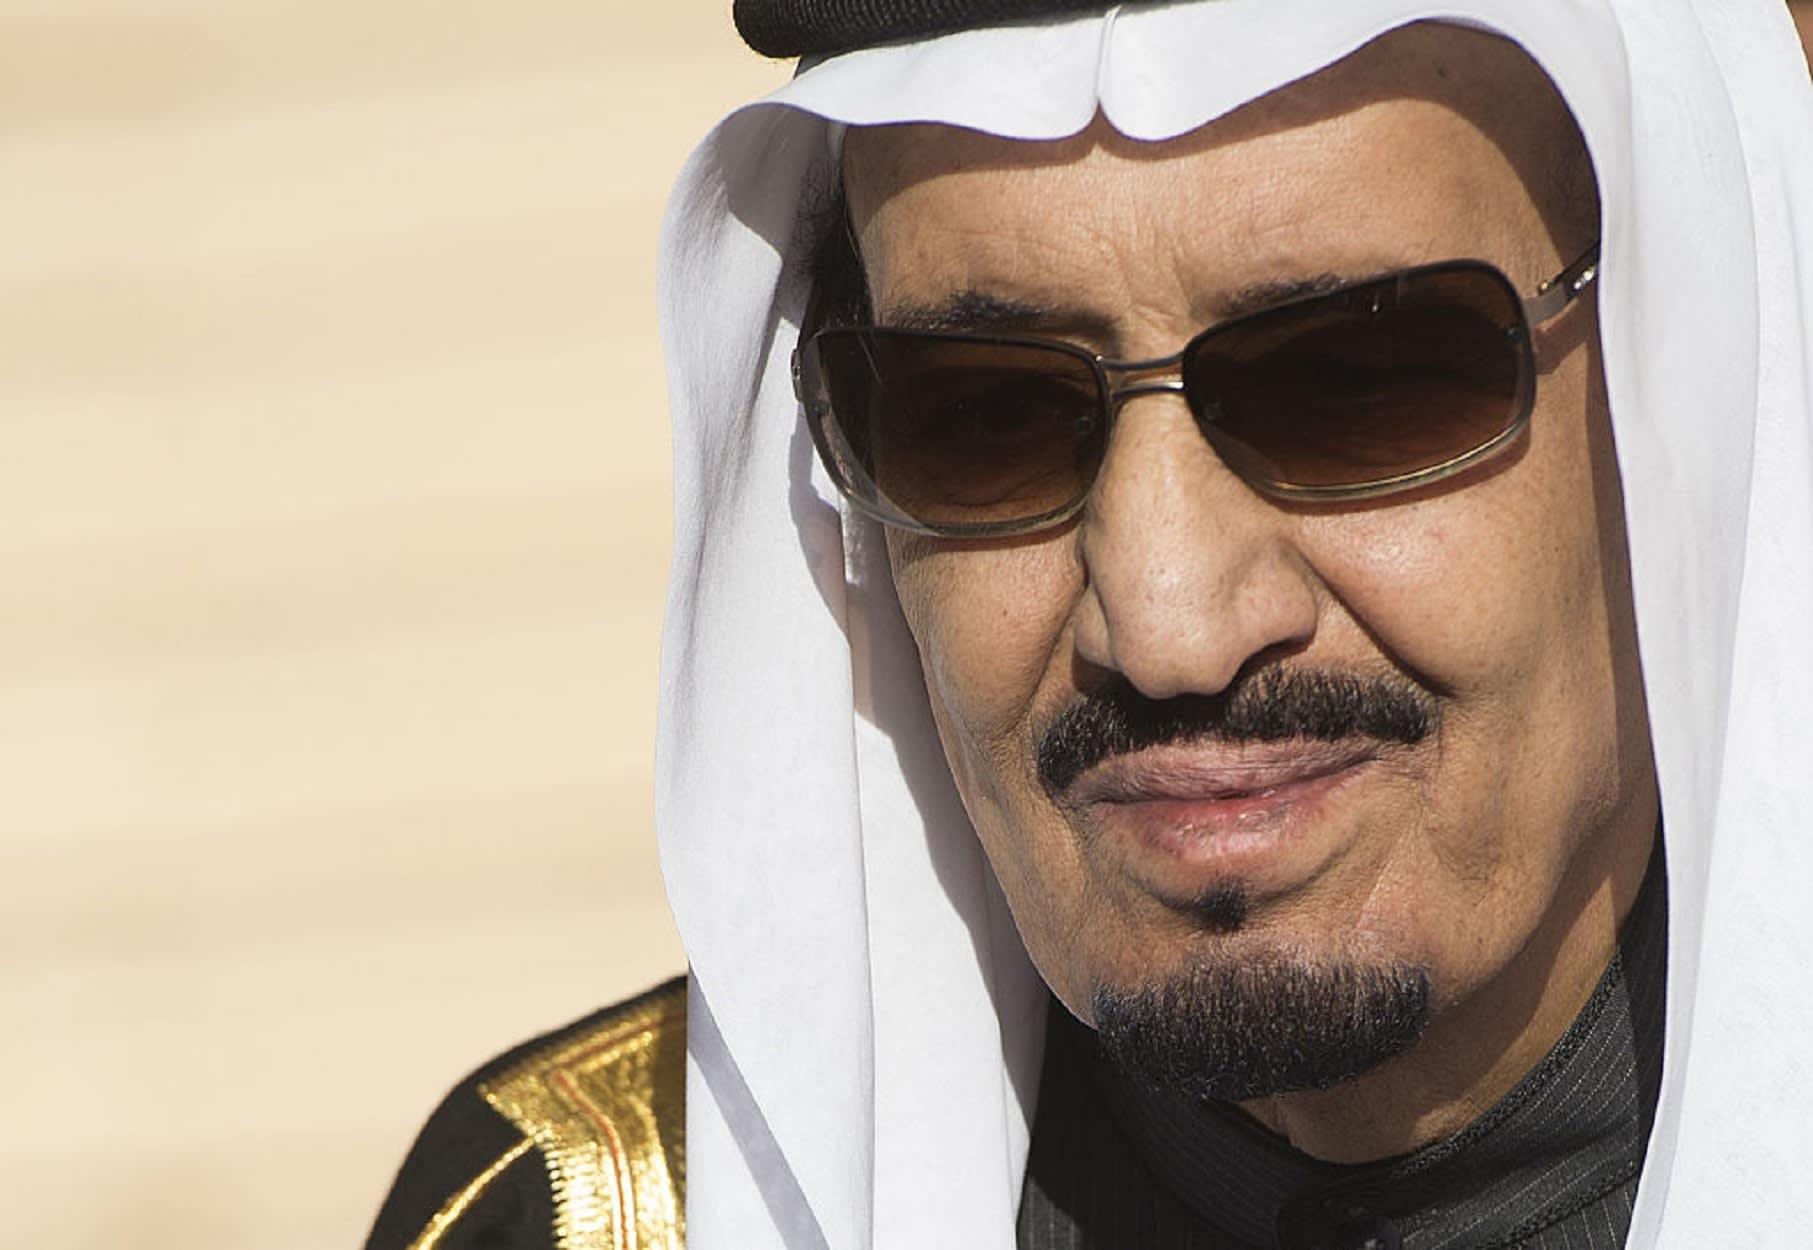 أوامر ملكية سعودية.. إعادة تشكيل مجلس الوزراء وتغييرات واسعة